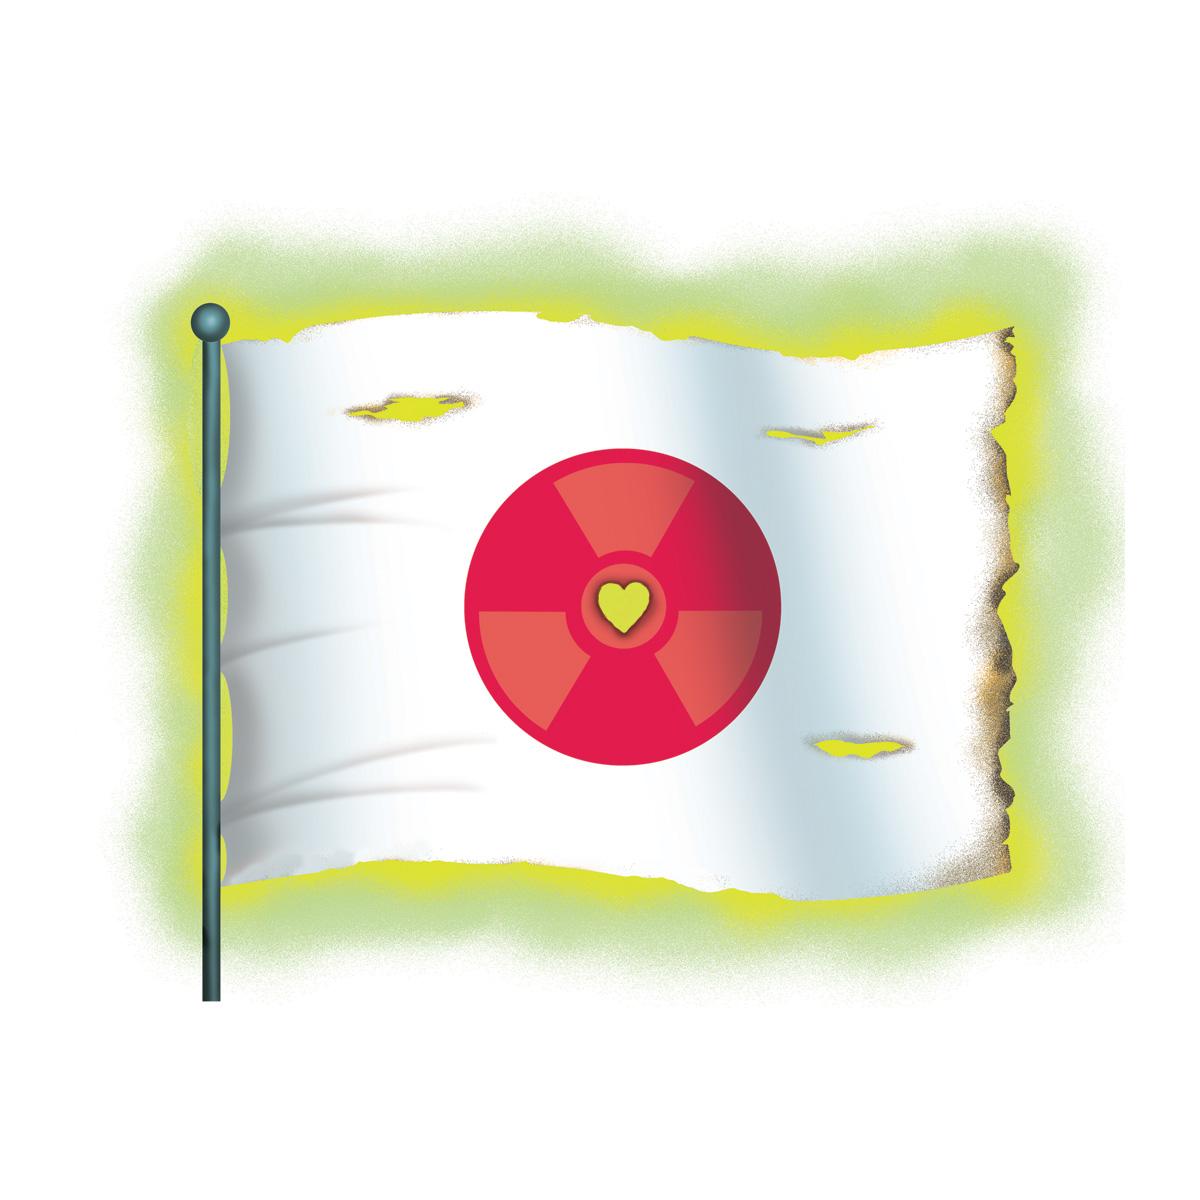 After Fukushima, My Heart Breaks